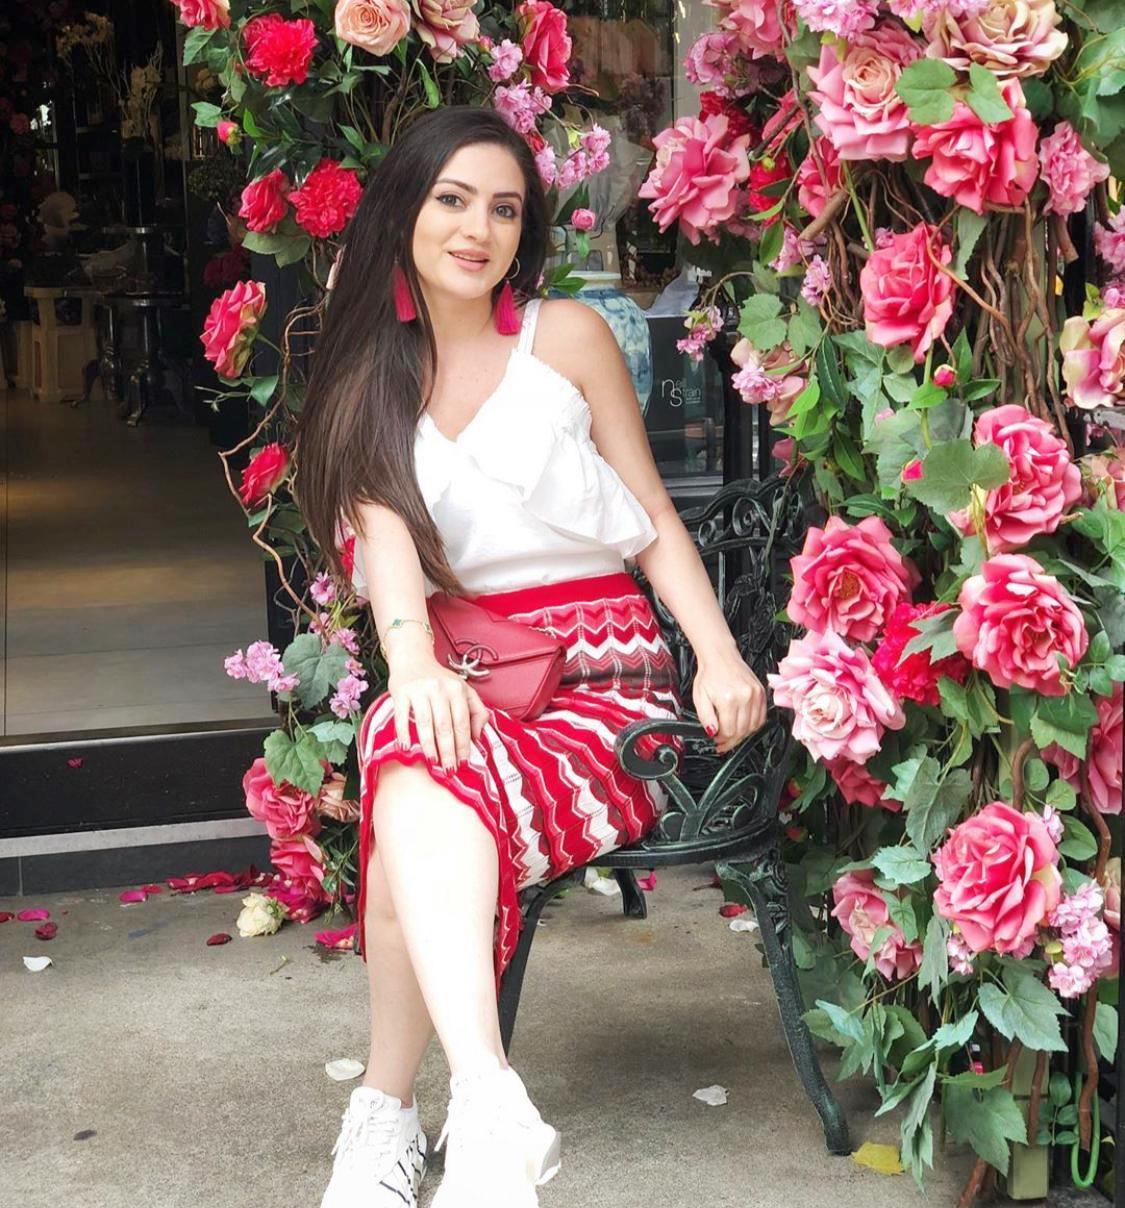 أزياء شبابية وتنسيقات أنيقة من وحي دانية الشافعي